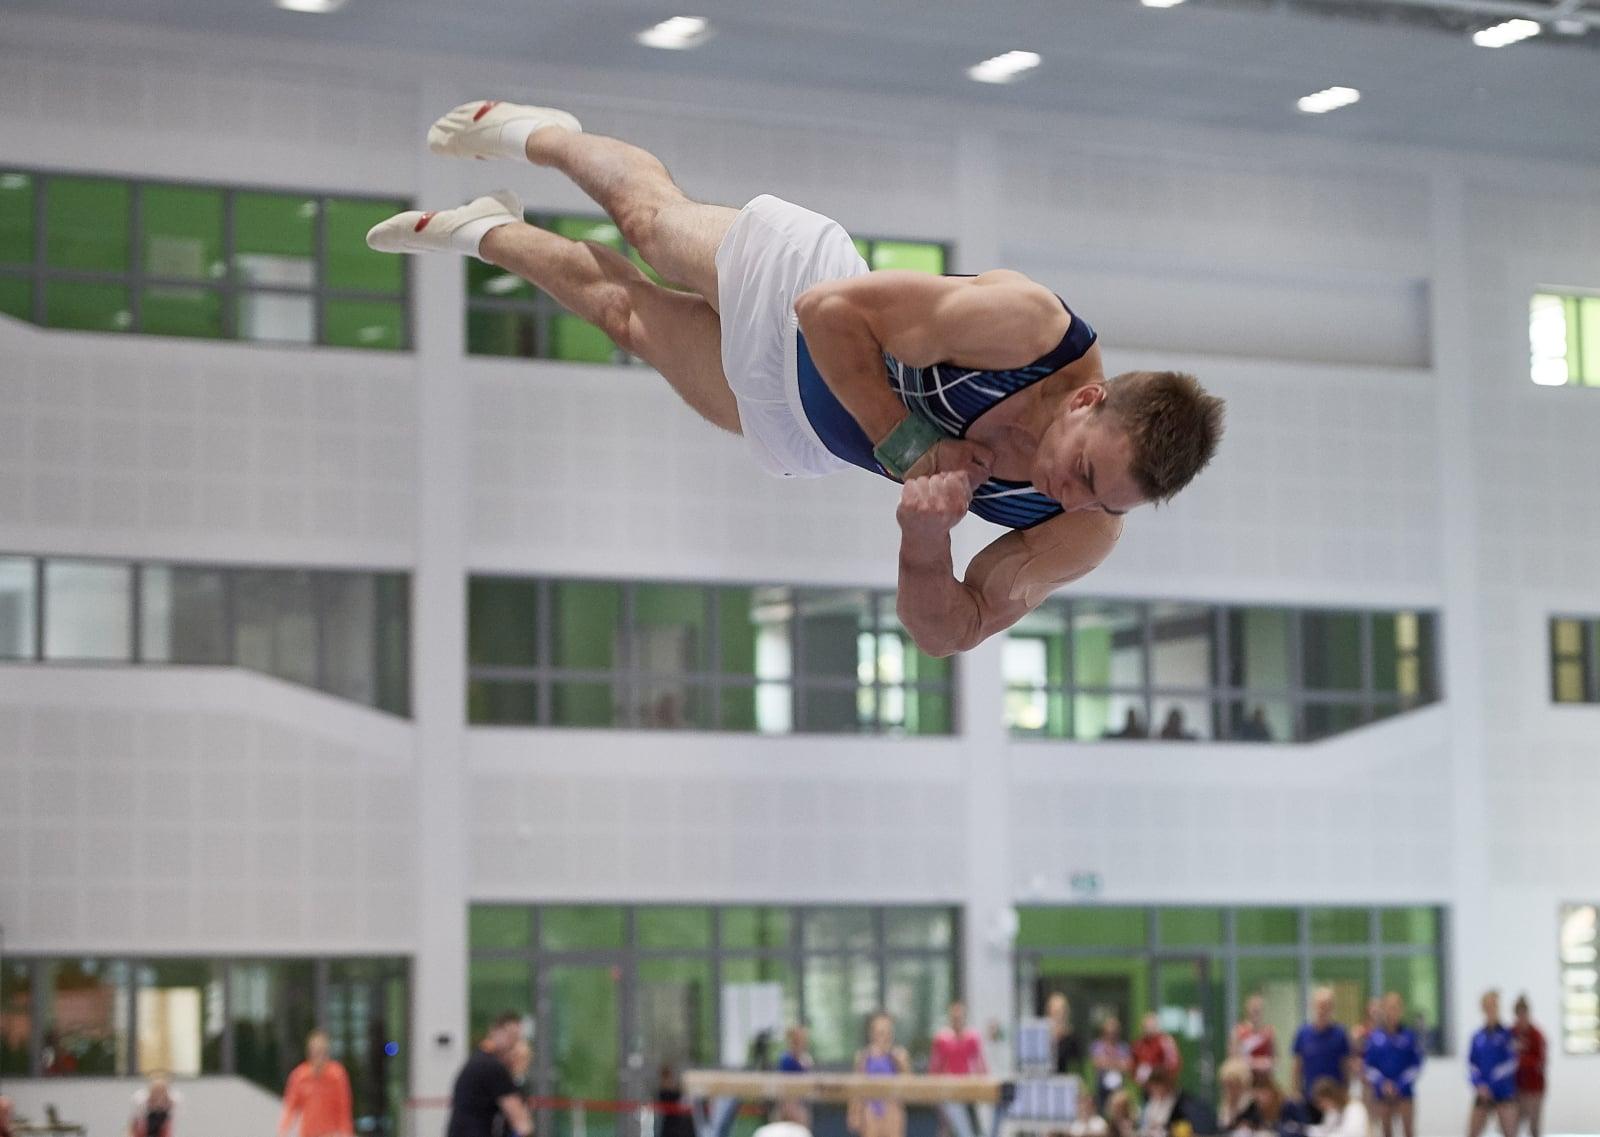 Mistrzostwa Polski w gimnastyce sportowej, Gdańsk